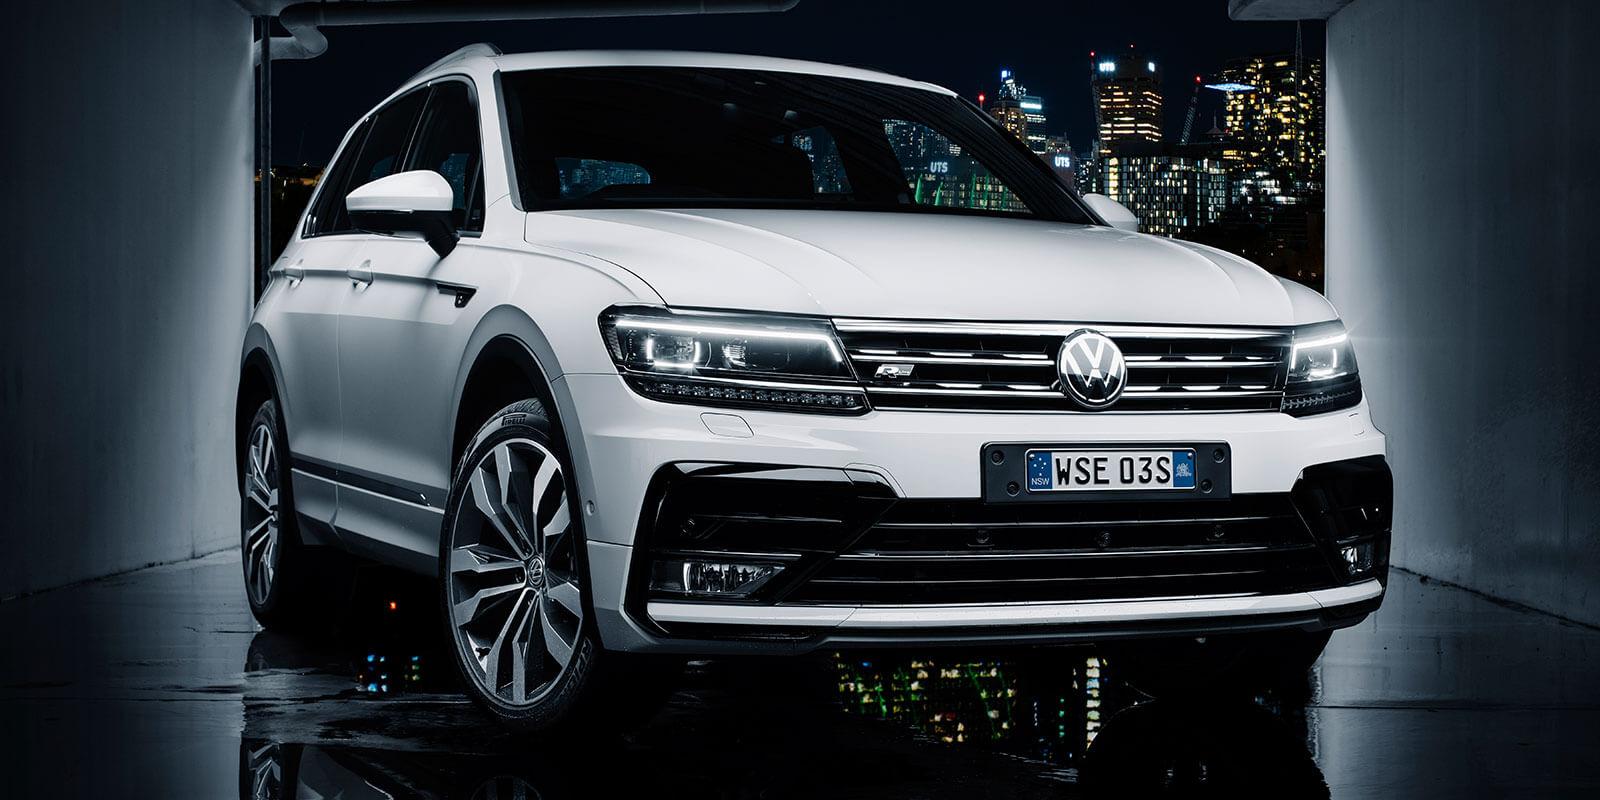 Volkswagen grupa saopštila prodajne rezultate za 2018. godinu